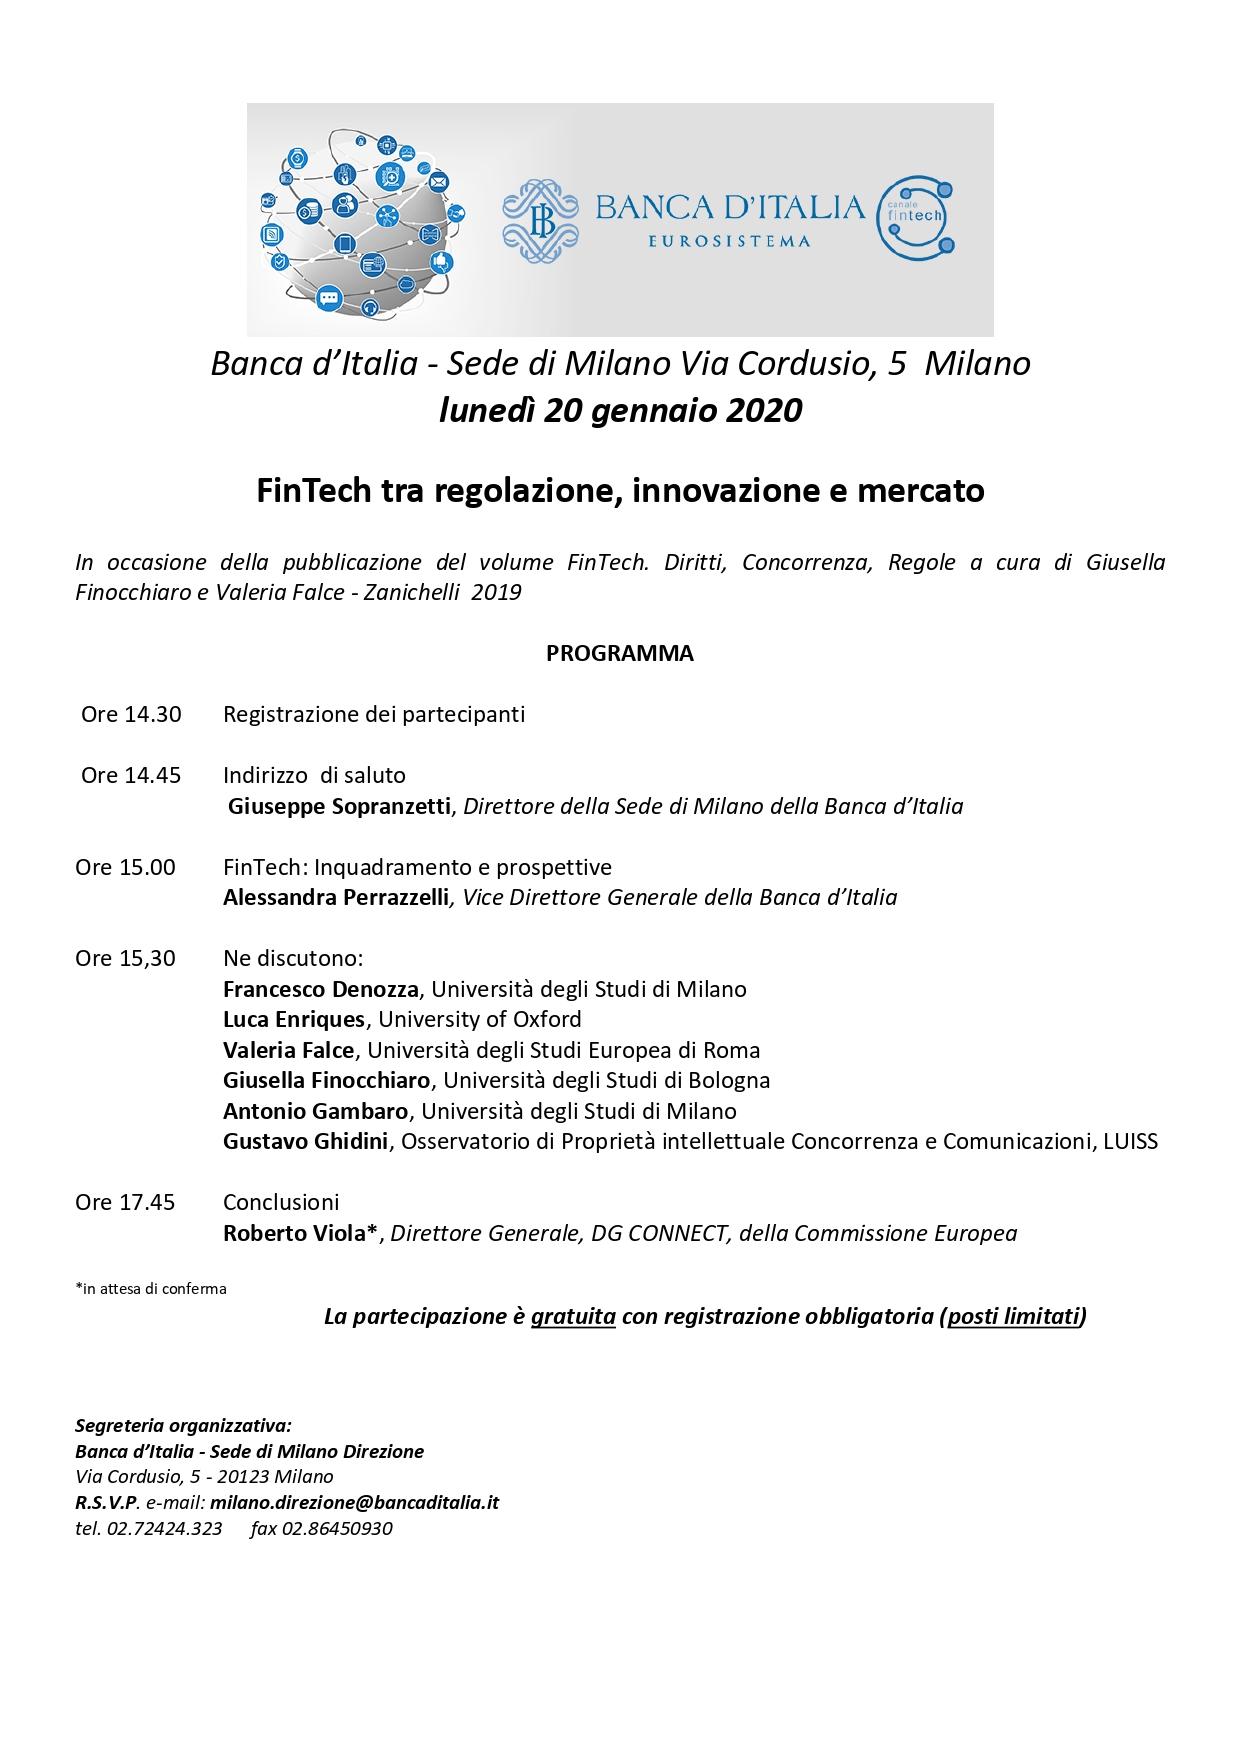 FinTech tra regolazione, innovazione e mercato